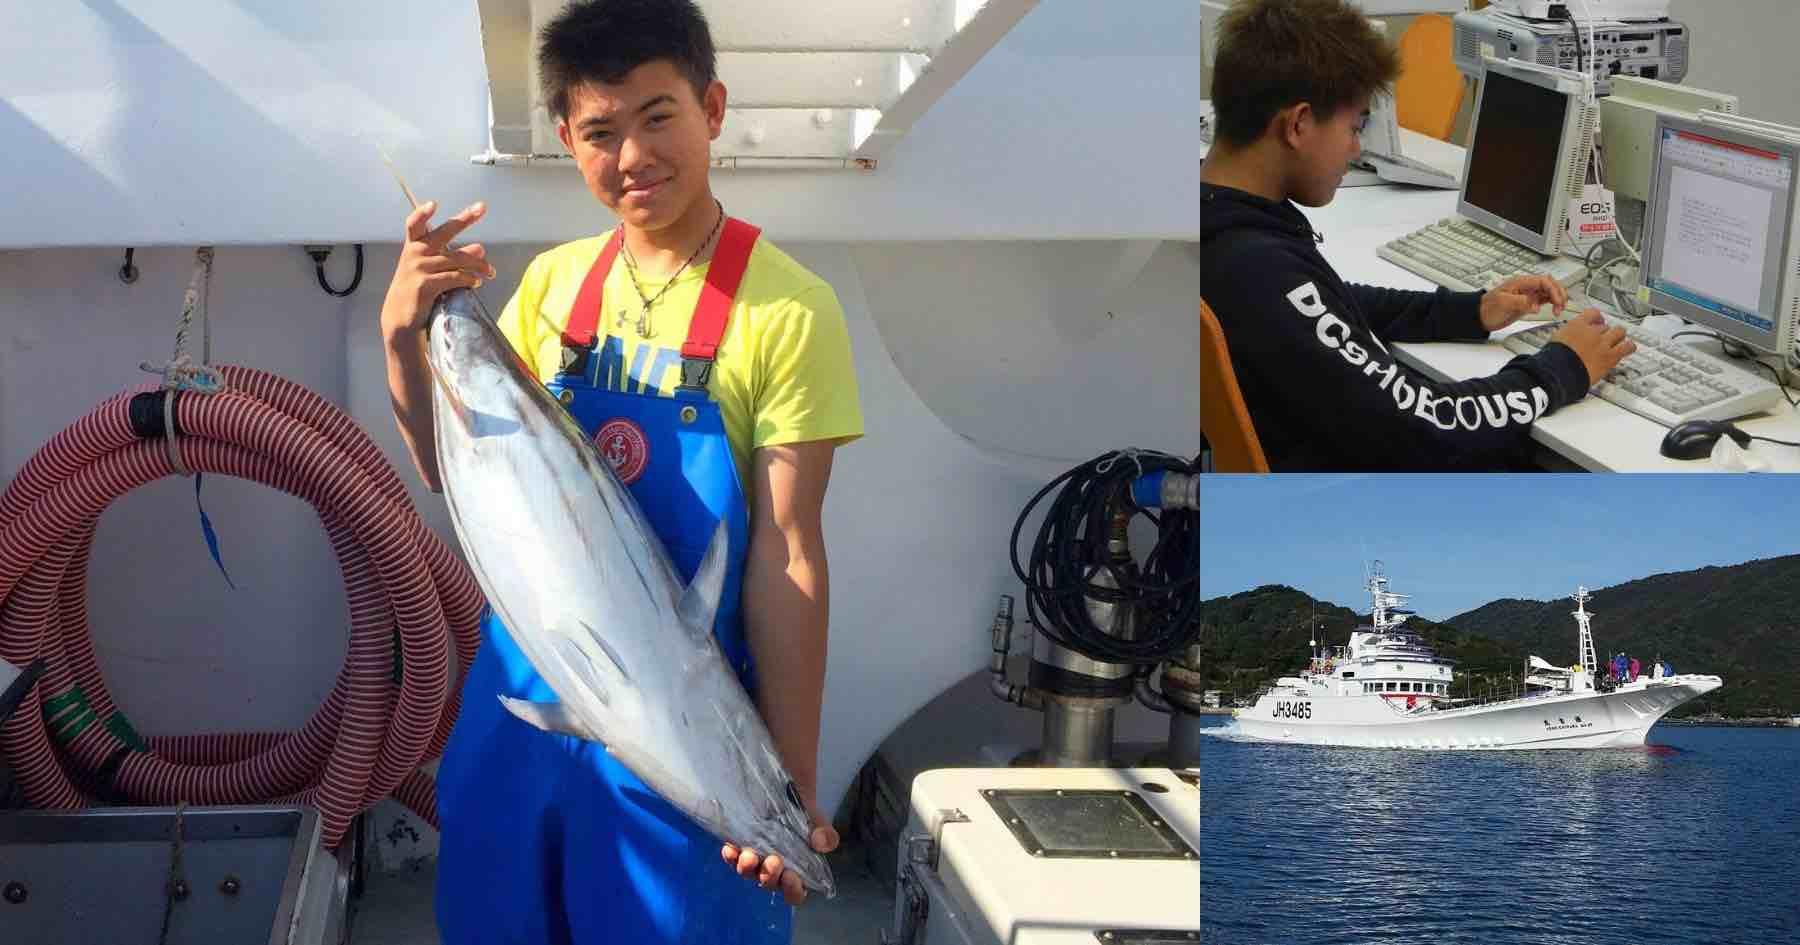 遠洋漁船に乗船しながら、高校卒業を目指せる? 代々木高校の「伊勢志摩漁師コース」で学んだ3年間で得たもの